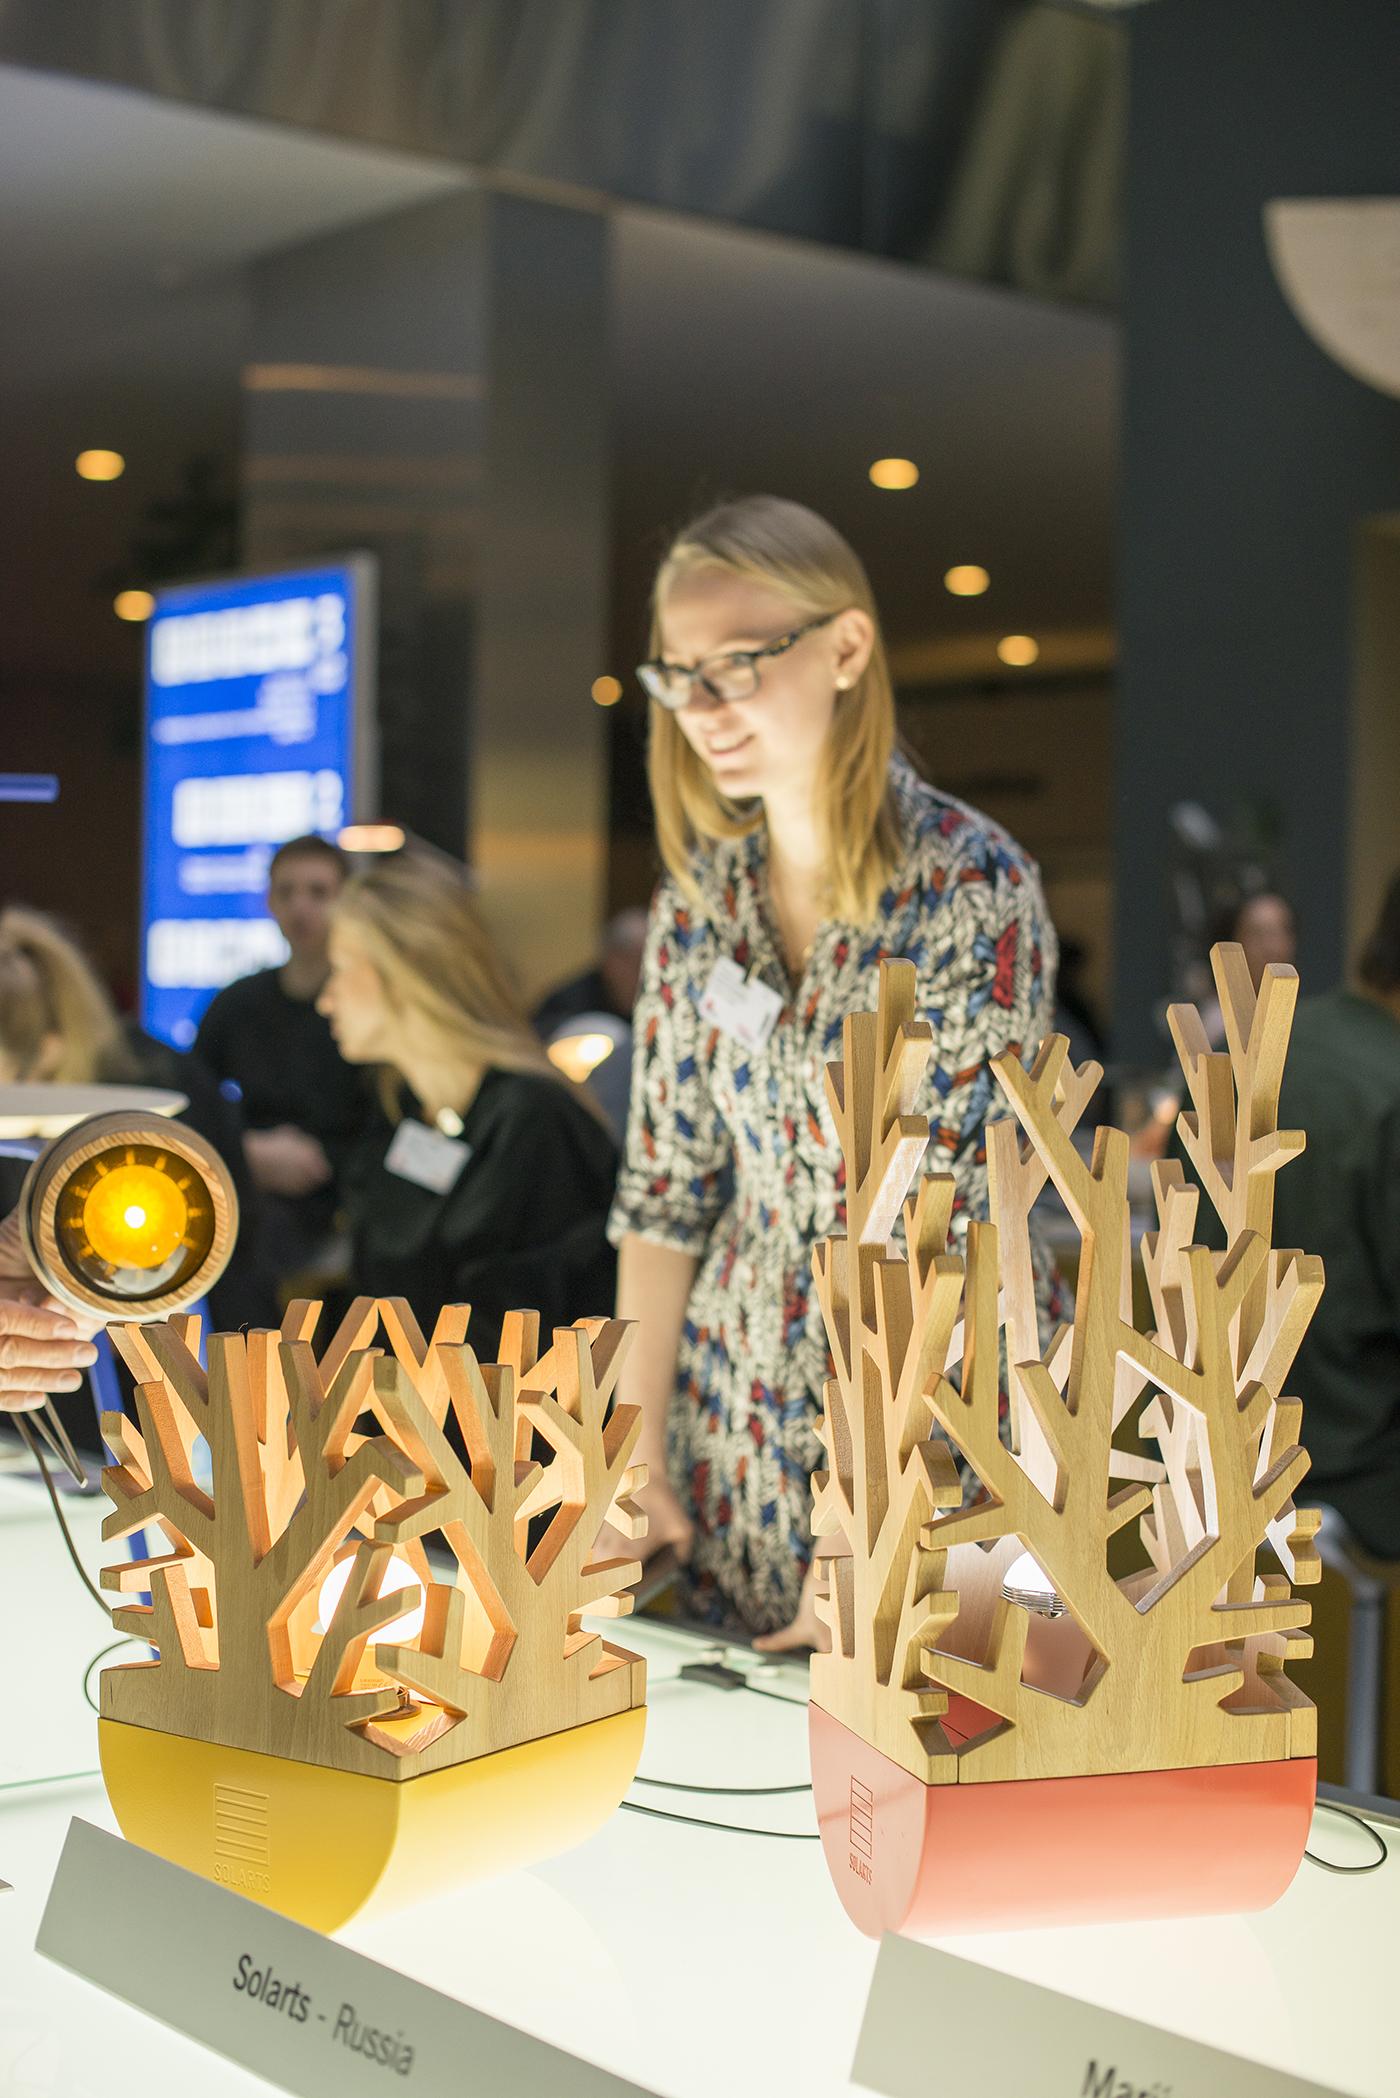 Крокус Экспо, i Saloni WorldWide, SaloneSatellite, i Saloni Worldwide Moscow, интерьерная выставка, дизайн интерьера, тенденции в интерьере, модная мебель, современная мебель, inspiration, annamidday, top design blogger, top russian design blogger, блогер, русский блогер, известный блогер, топовый блогер, russian bloger, top russian blogger, blogger, fashion, style, российский блогер, ТОП блогер, популярный блогер, российский модный блогер, russian girl, Анна миддэй, анна мидэй, kinfolk, идеи для интерьера, идеи для спальни, идеи для детской, i Saloni WorldWide 2016, SaloneSatellite 2016, i Saloni Worldwide Moscow 2016